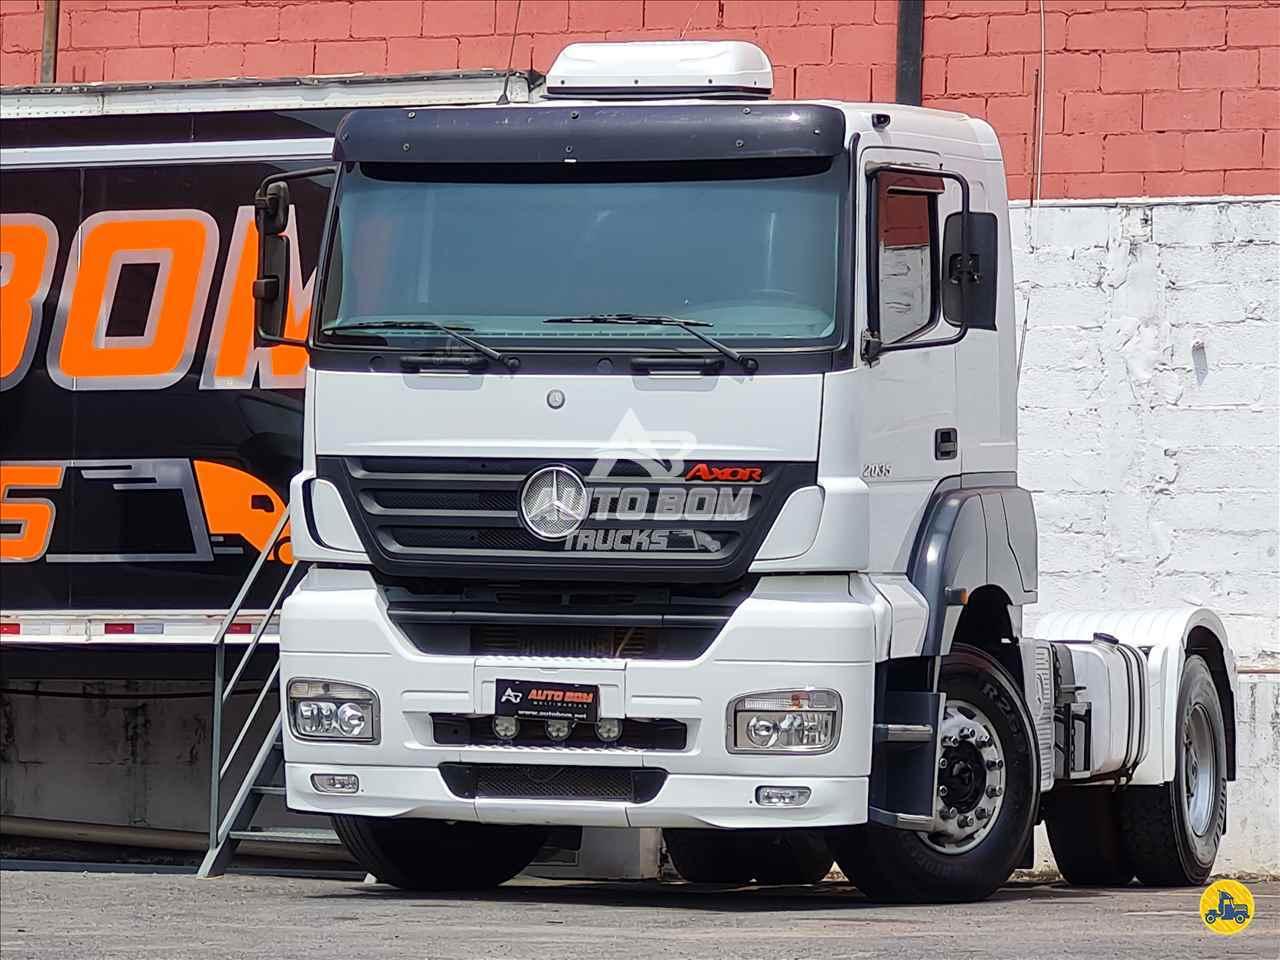 CAMINHAO MERCEDES-BENZ MB 2035 Chassis Toco 4x2 Autobom Trucks CONTAGEM MINAS GERAIS MG